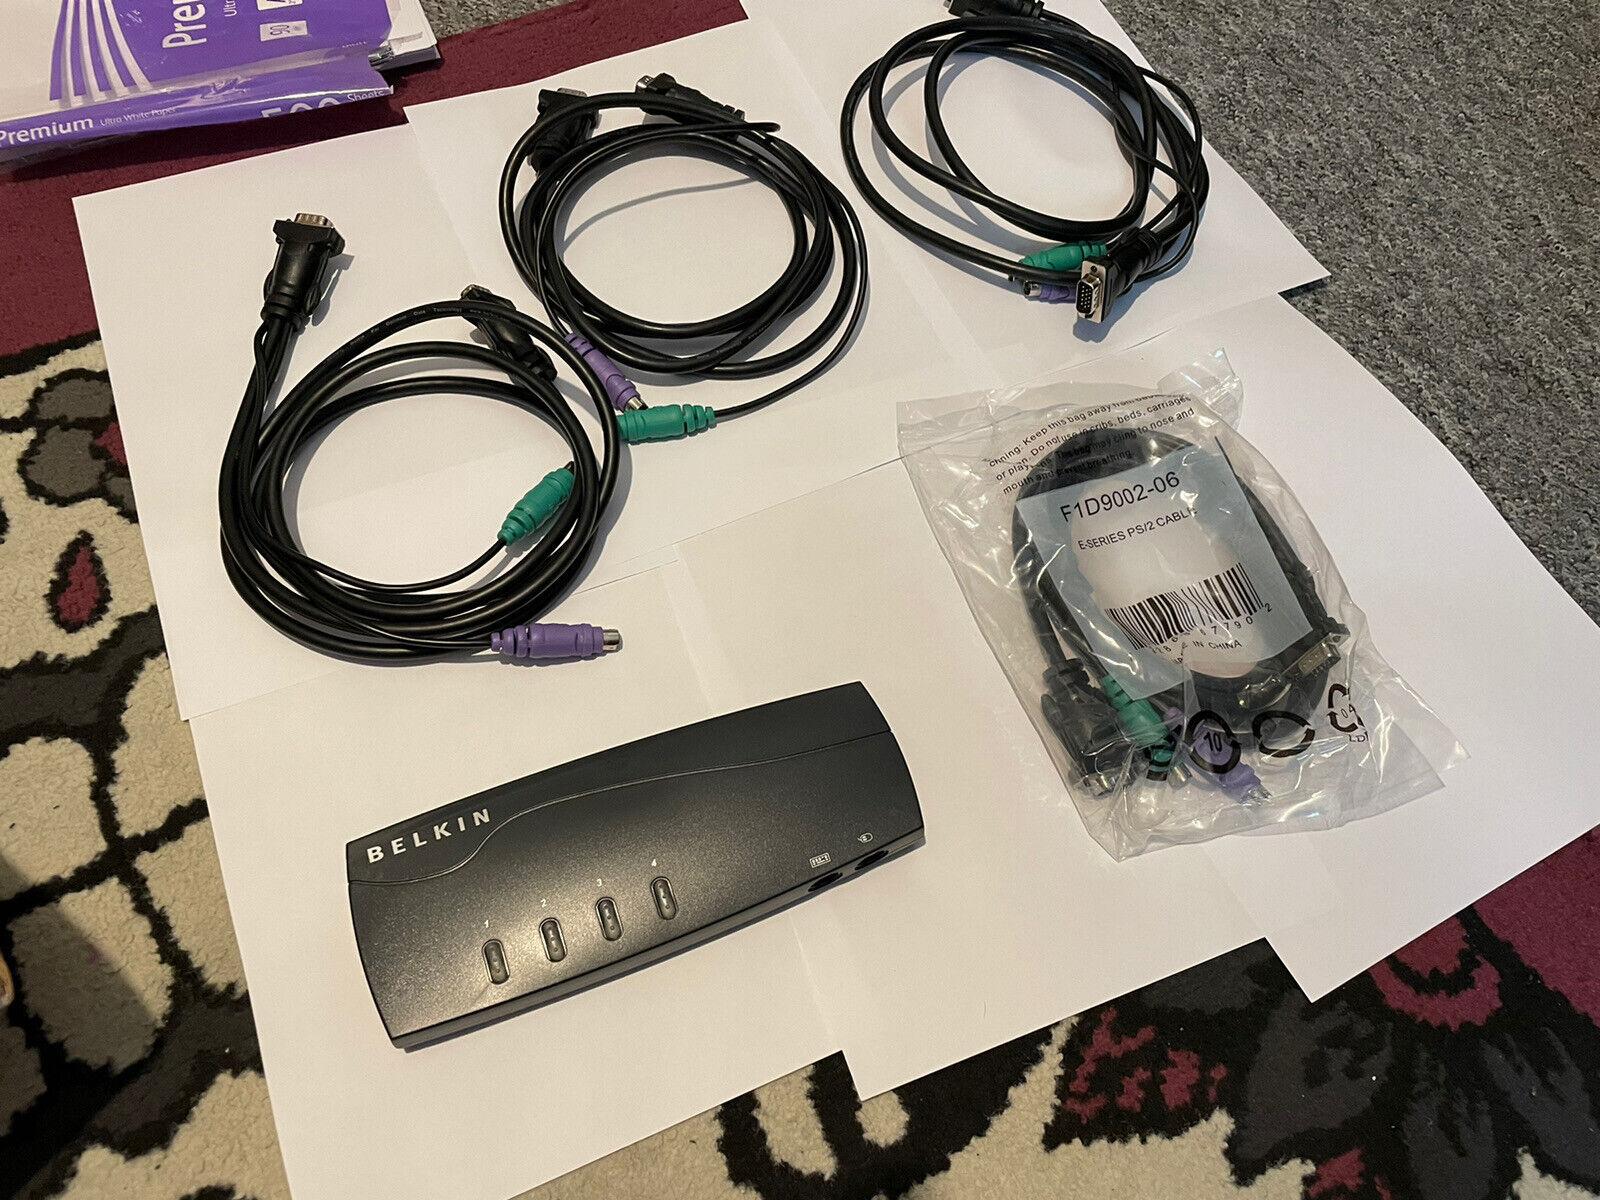 Belkin OmniView E Series 4-Port KVM Switch F1DB104P